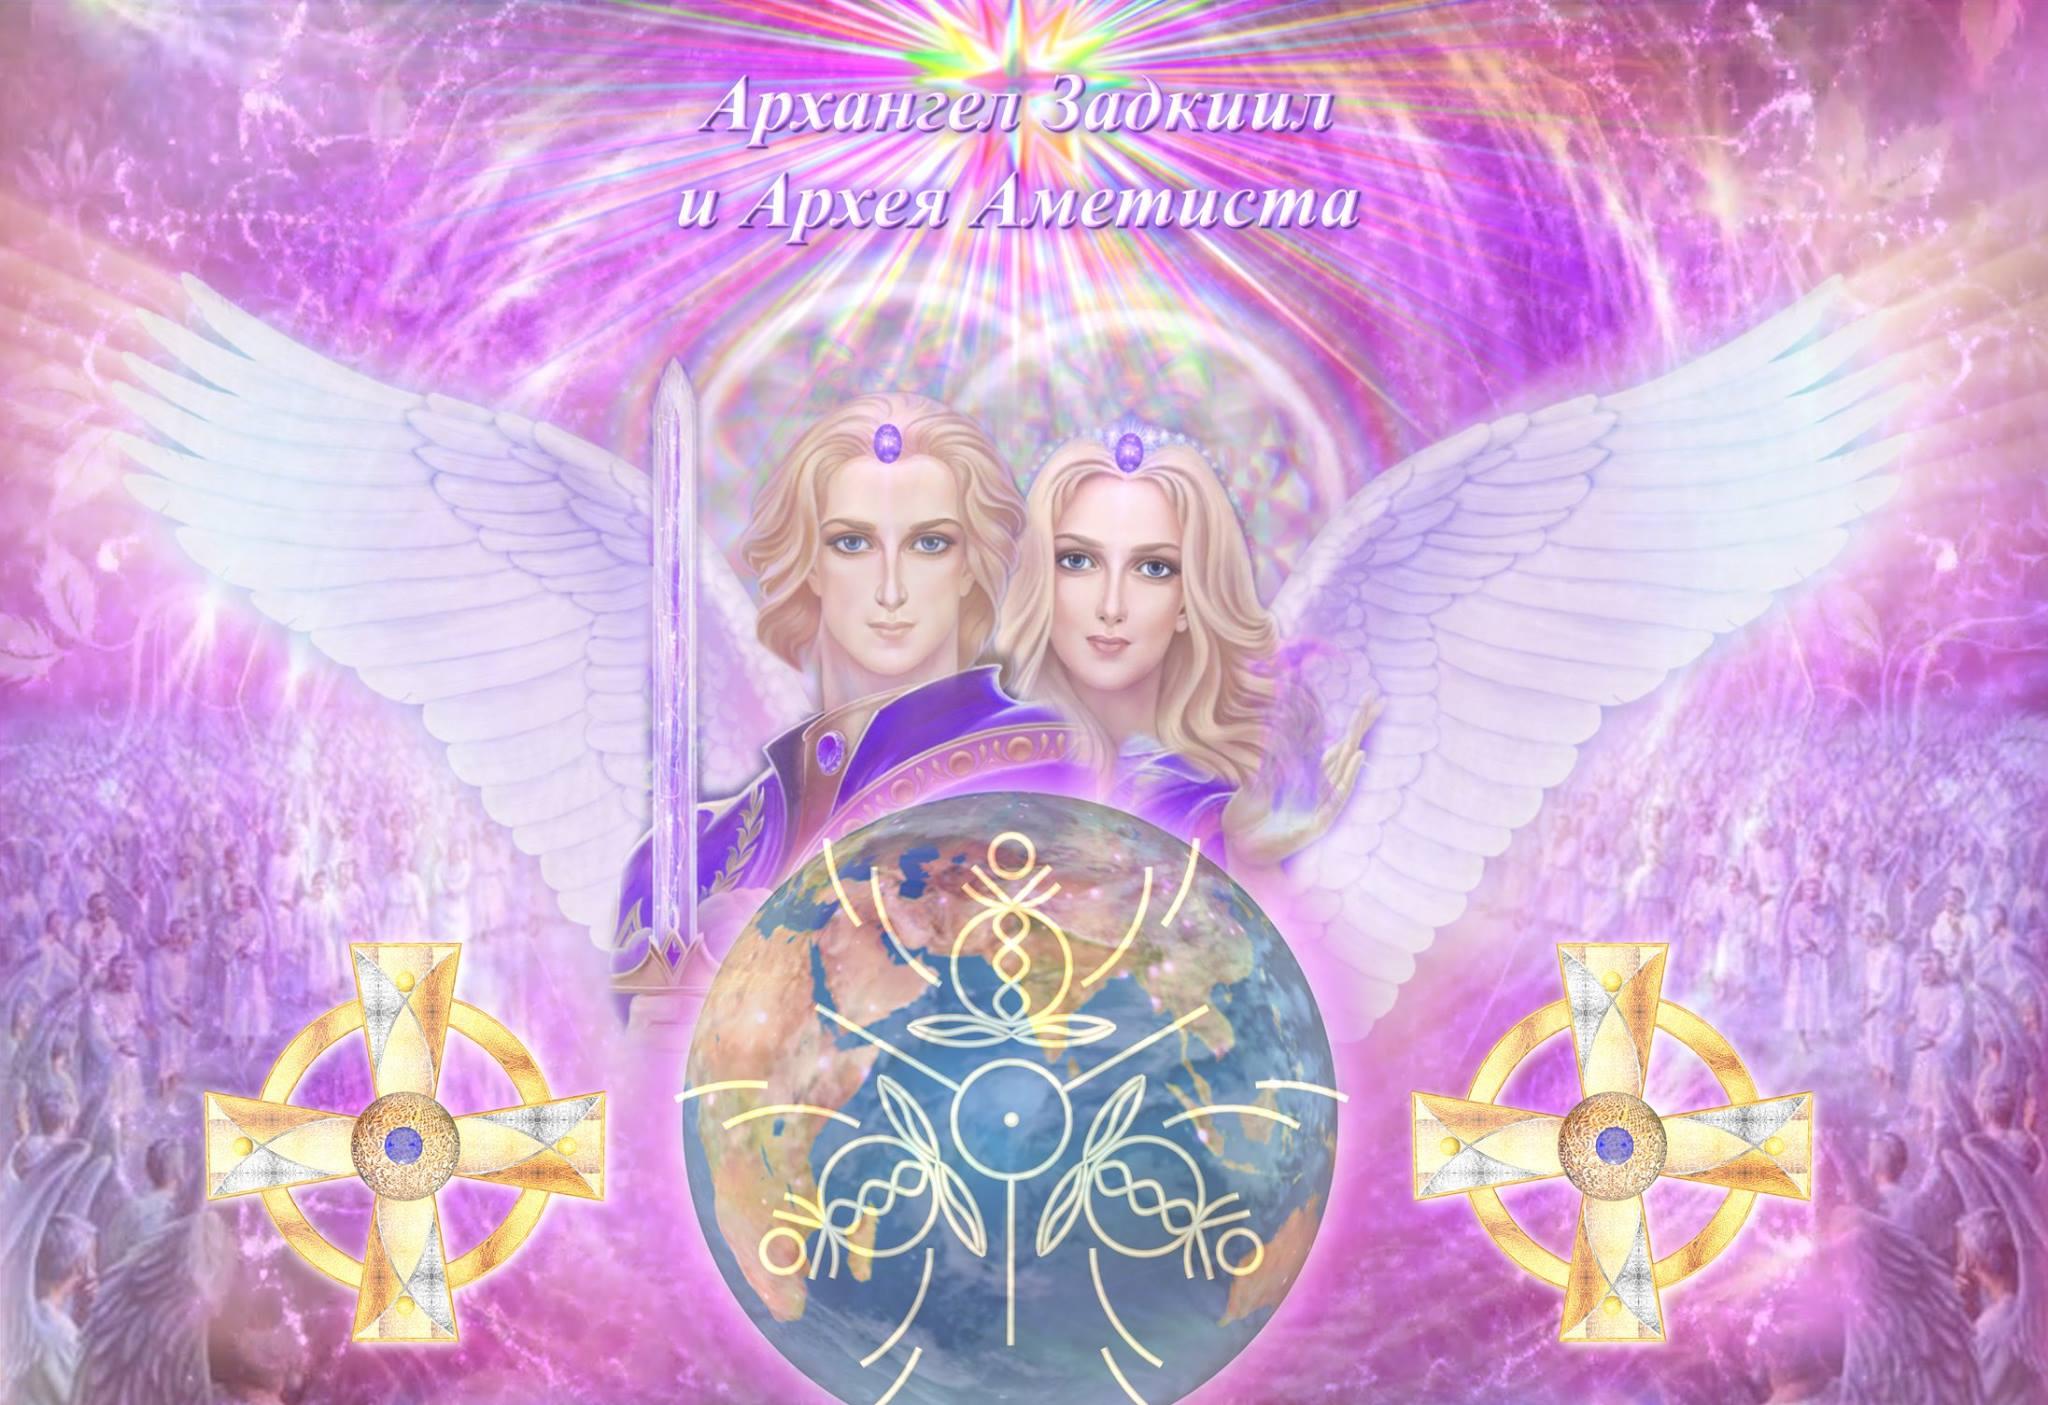 Архангел Задкиил воплощение фиолетового пламени и молитвы к нему